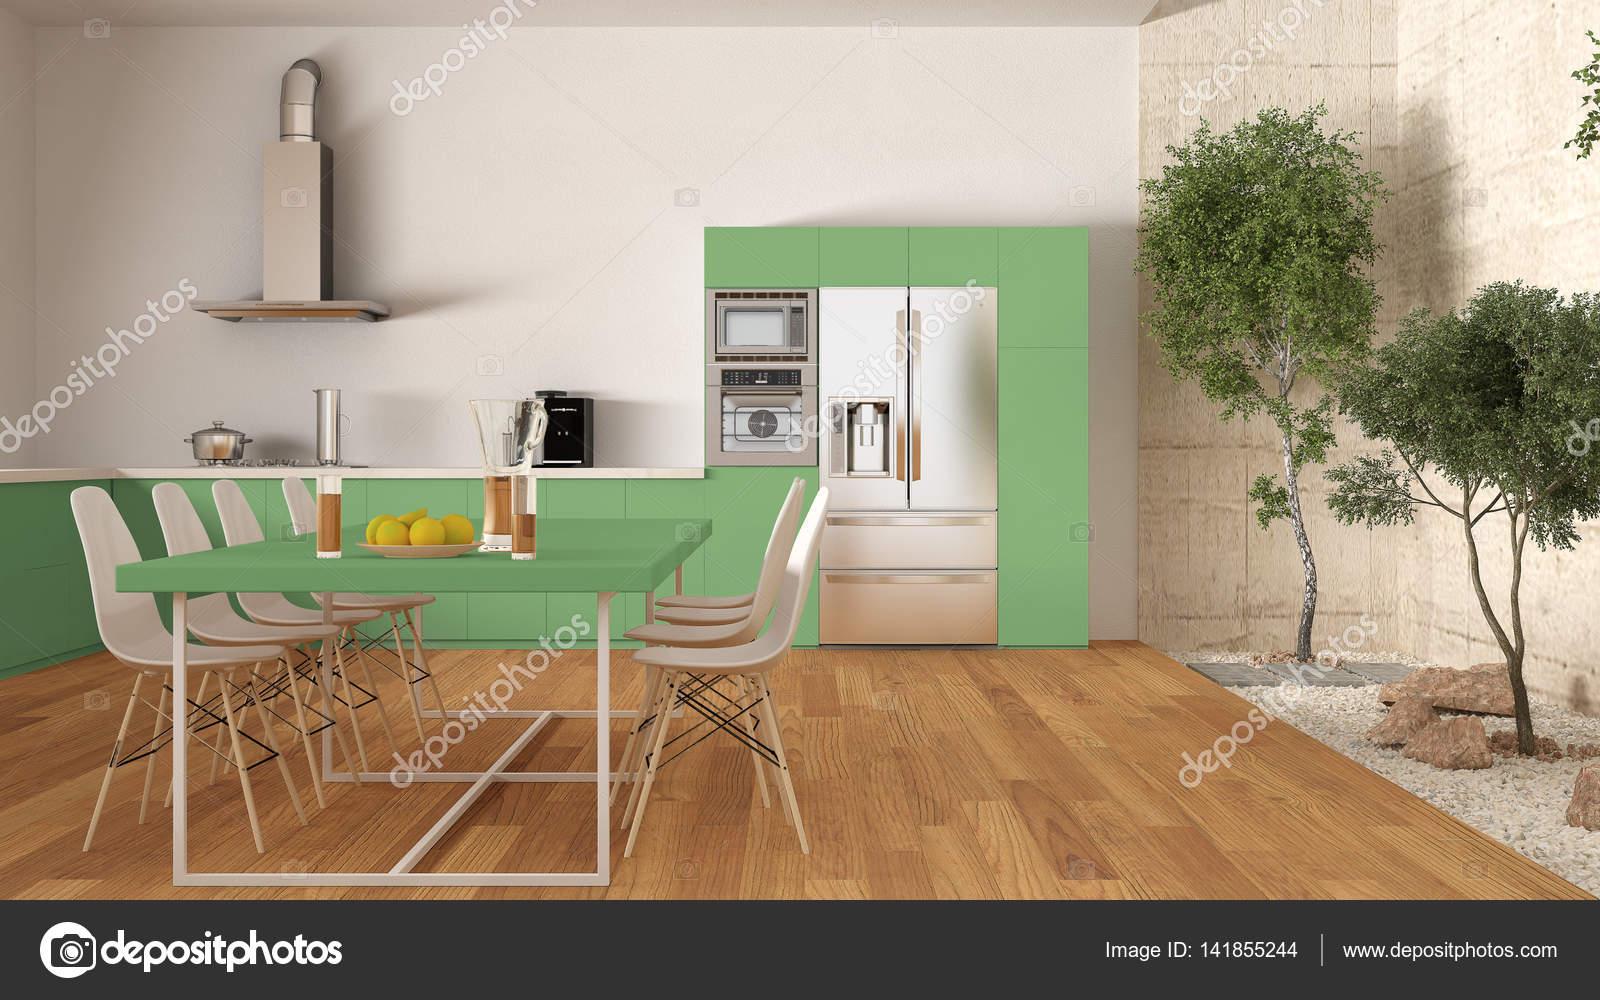 Cuisine Blanche Et Verte Avec Jardin Intérieur, Design Du0027intérieur Minimal  U2014 Image De ...